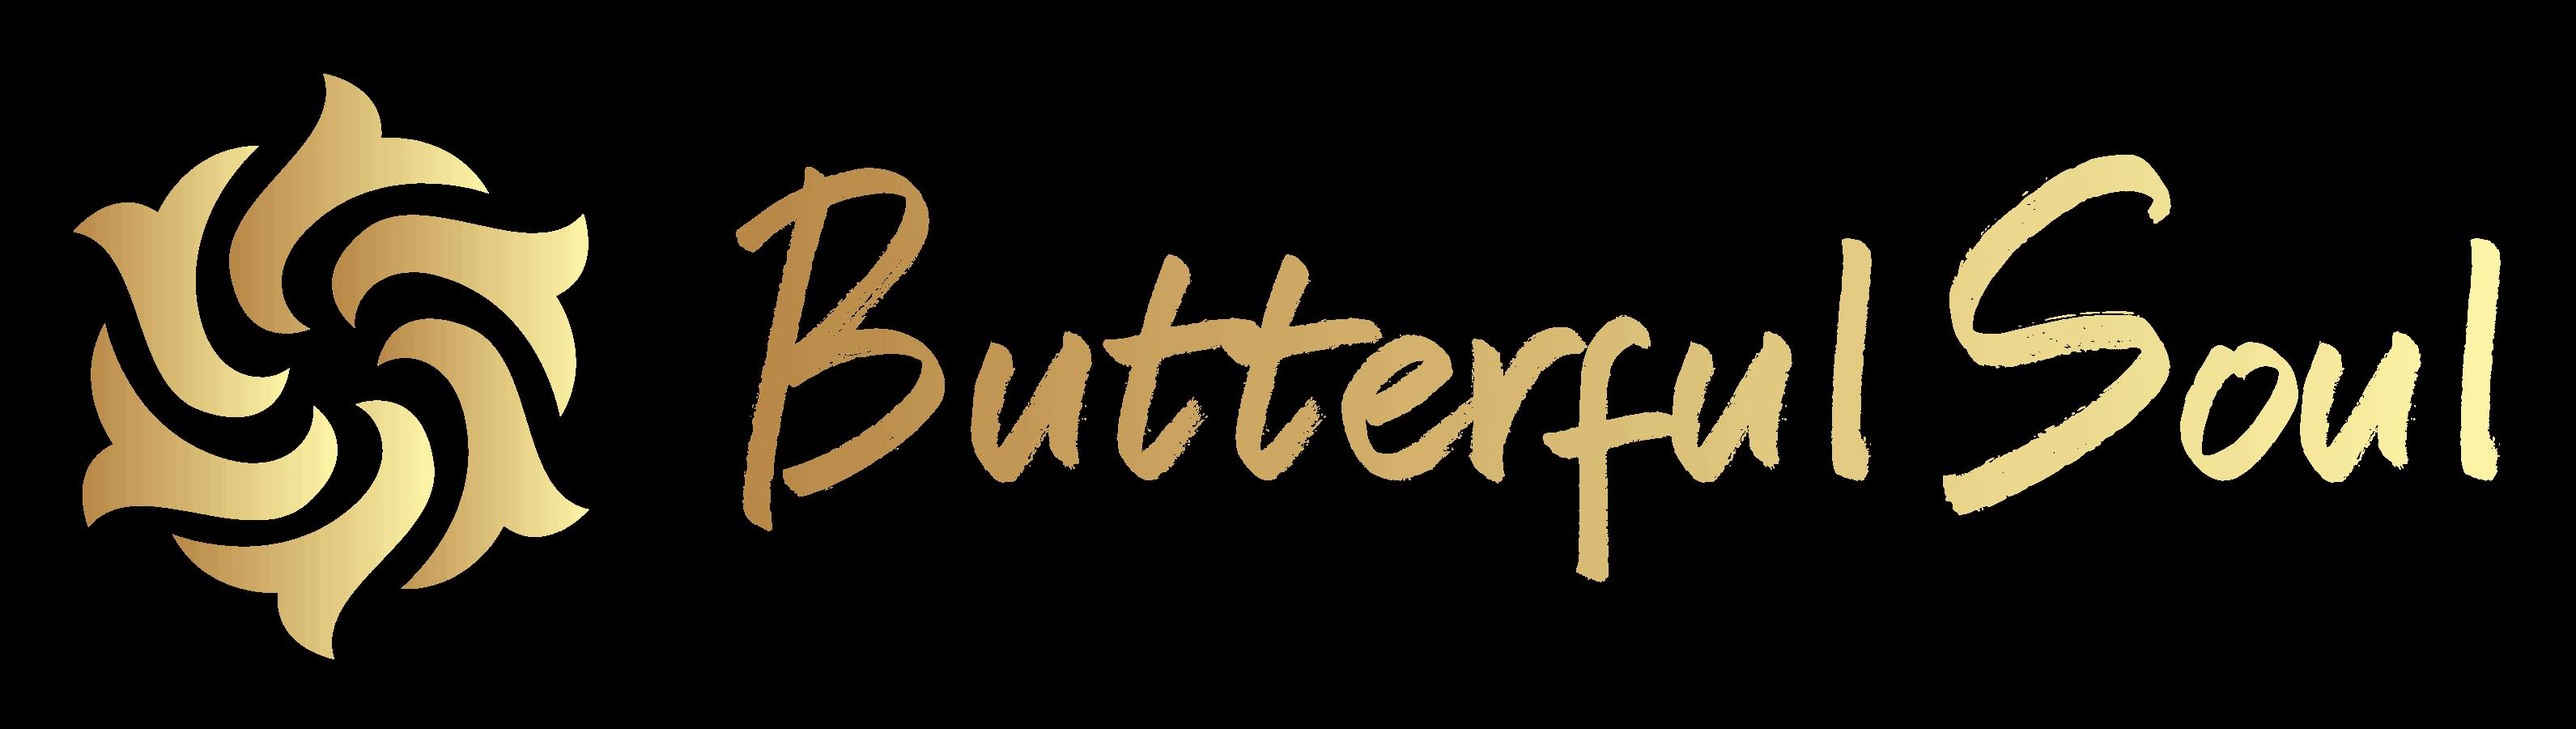 Butterful Soul